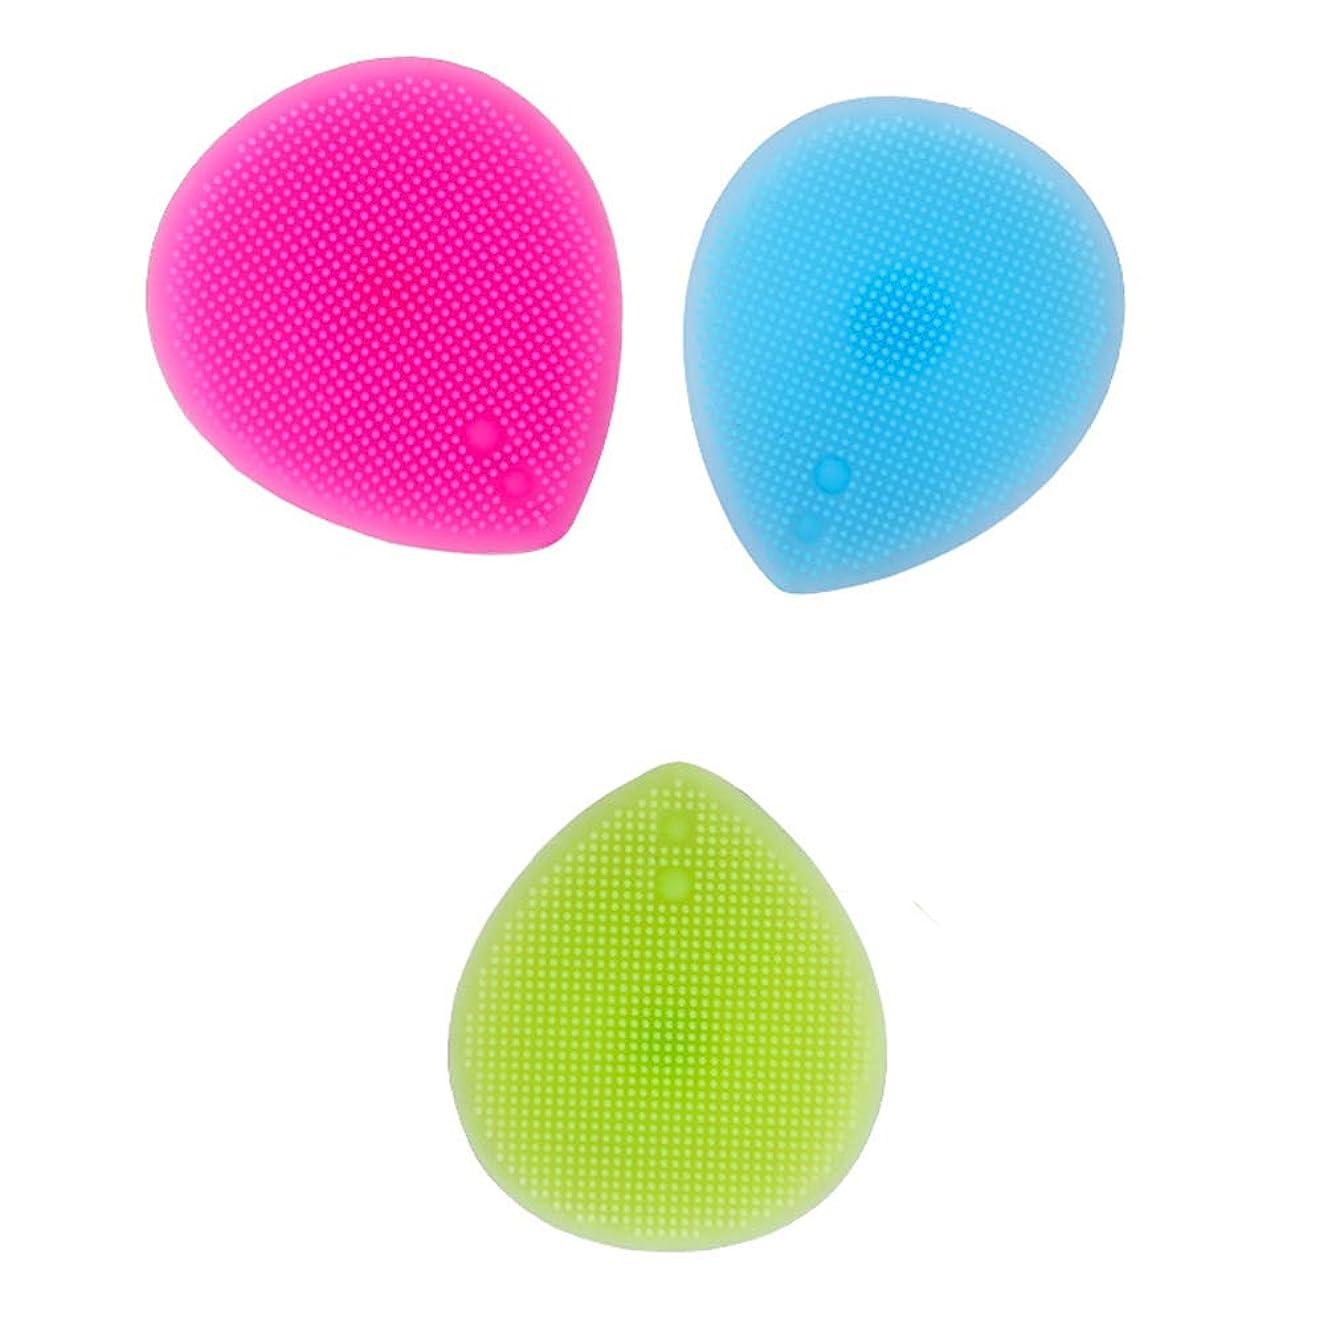 誘惑注ぎますカフェテリアLurrose 3PCSシリコーンフェイシャルクレンジングブラシ手動フェイシャルマッサージブラシ女性用(ブルー+バラ色+グリーン)